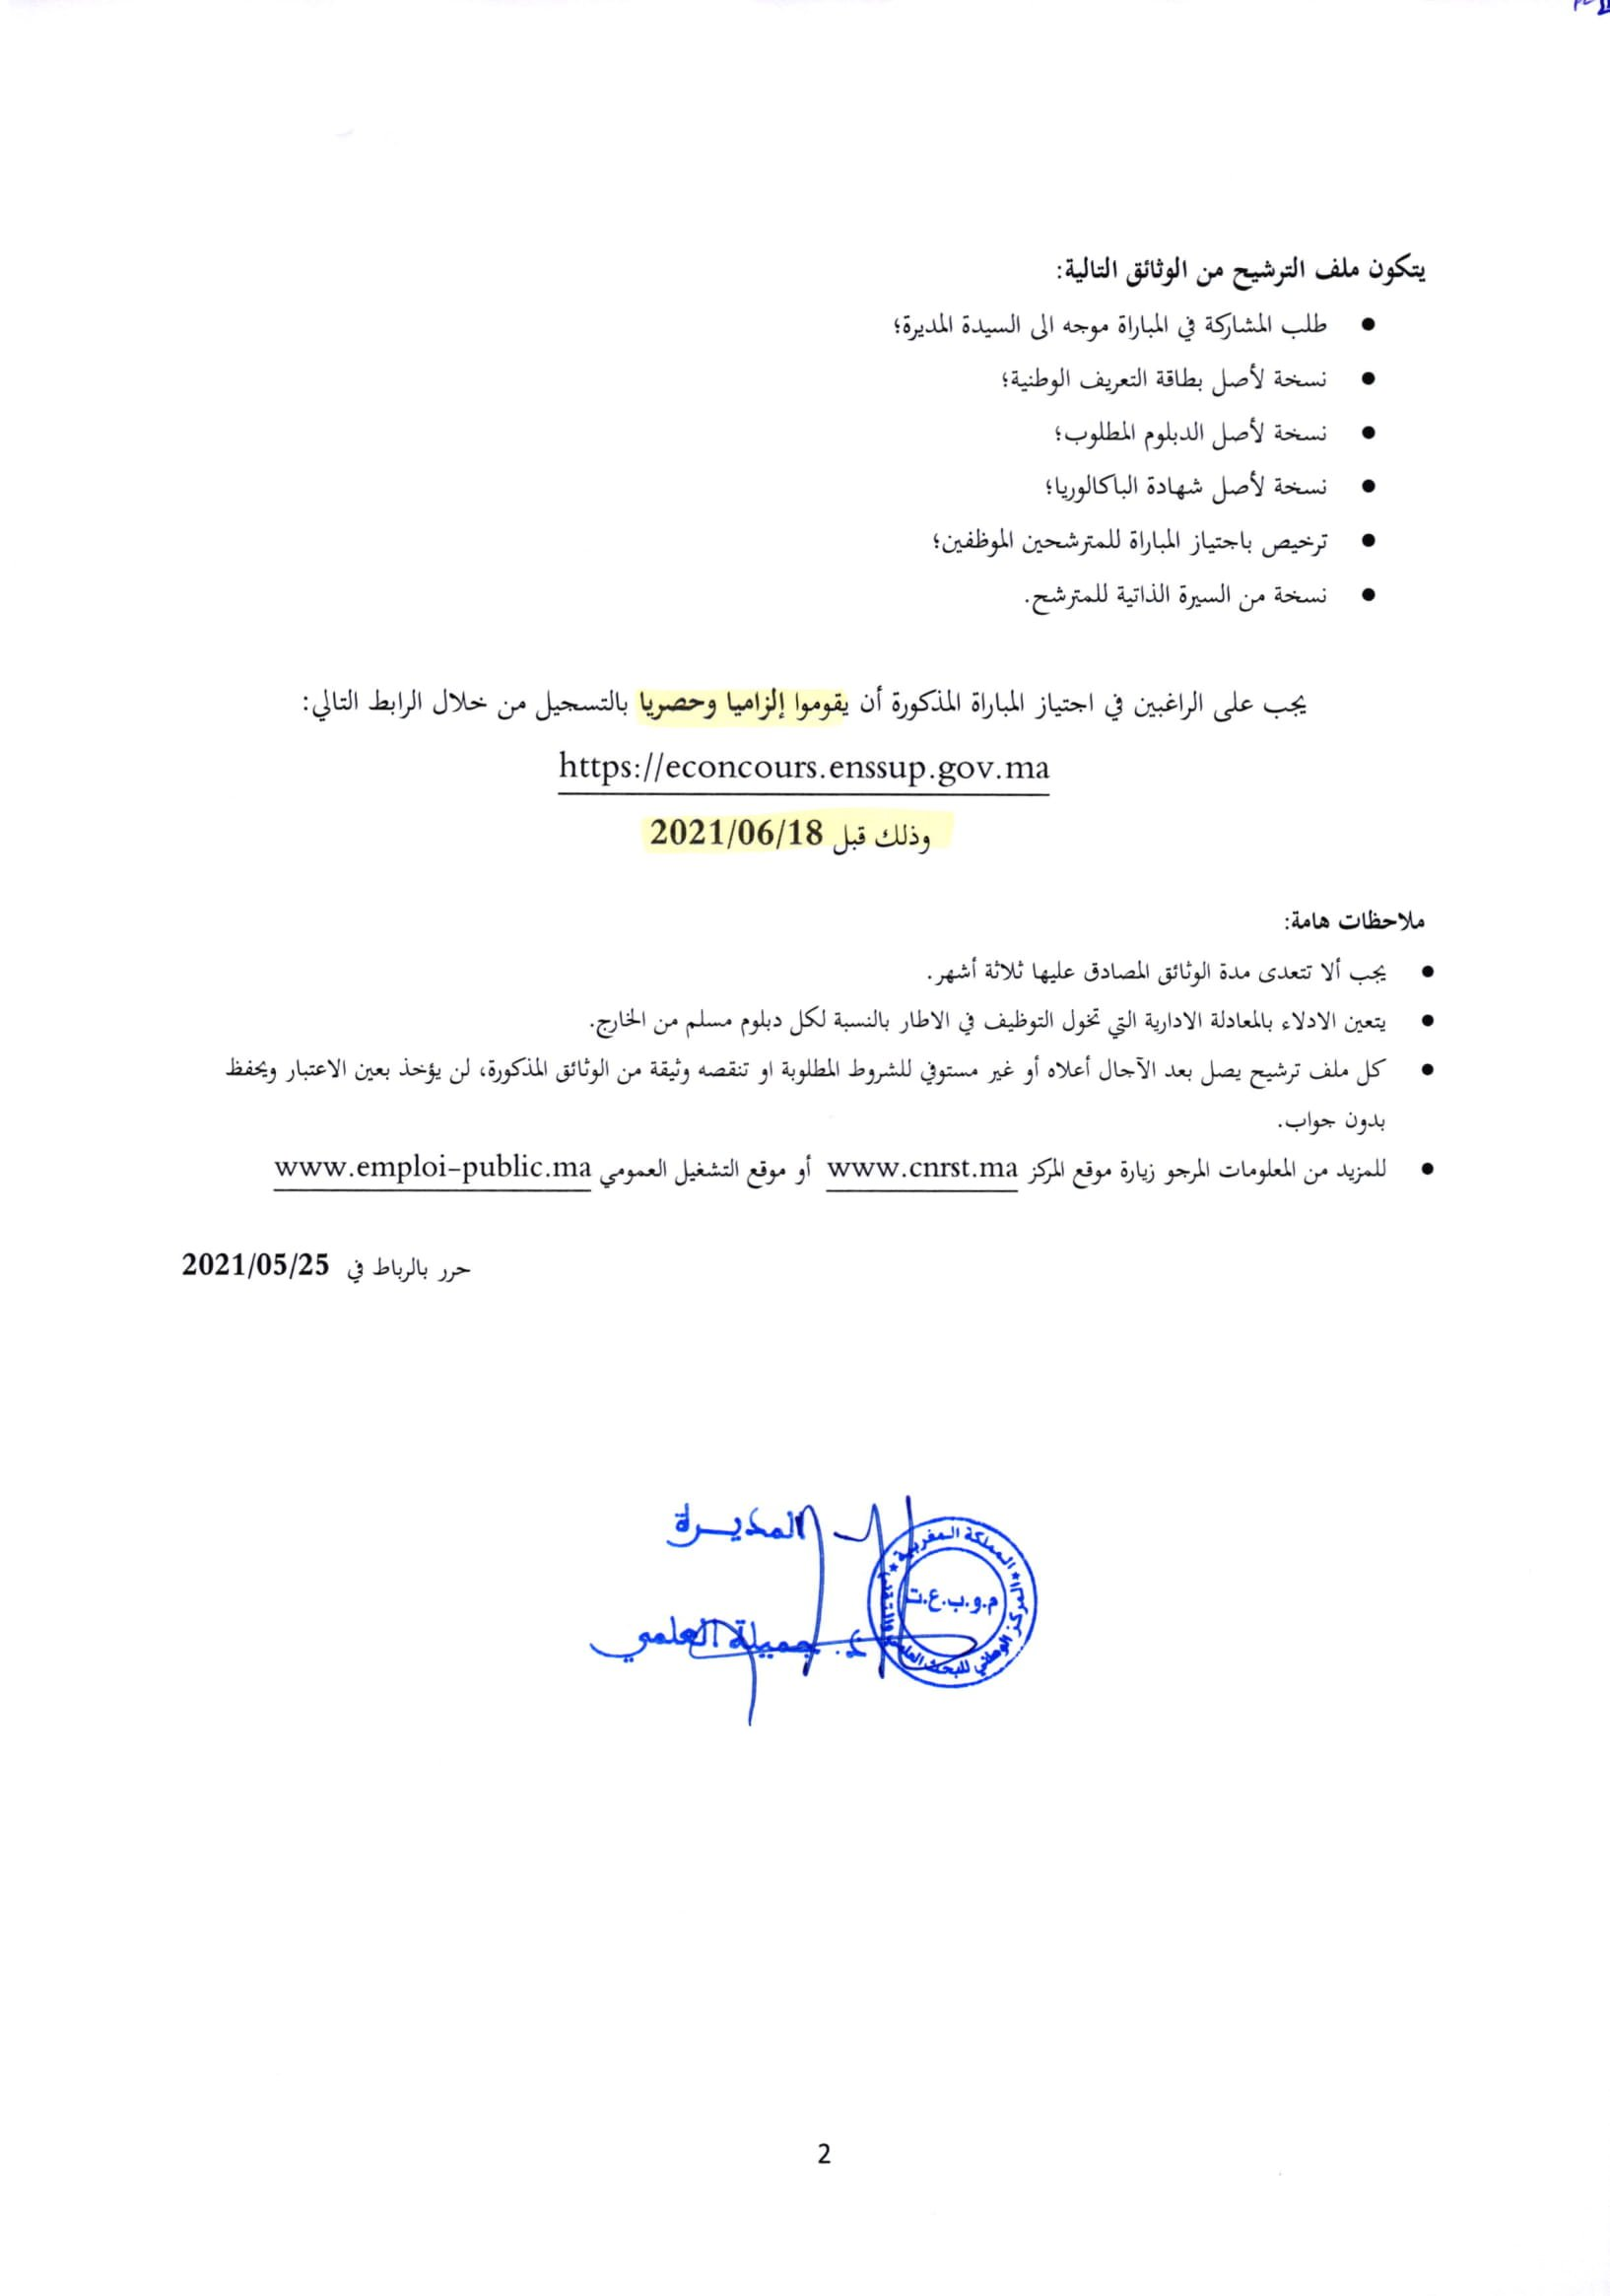 ingnieur1grade 2 Liste des Convoqués Concours de Recrutement CNRST 2021 (7 Postes)